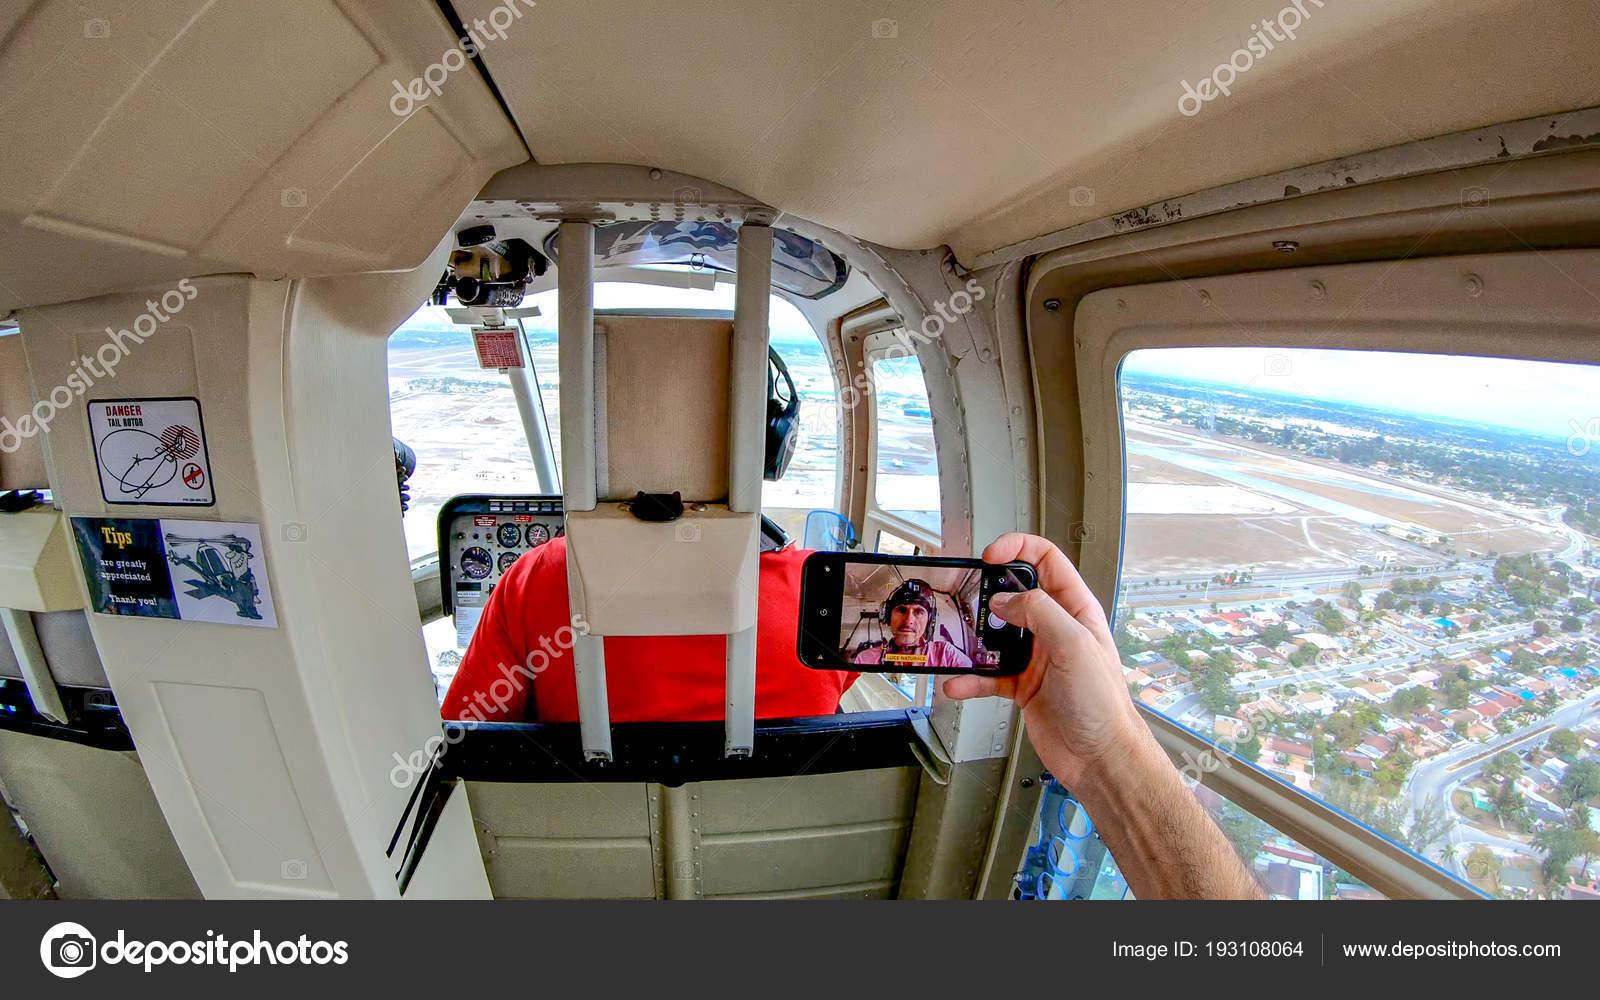 Elicottero Interno : Fare selfie all interno di un elicottero u foto stock jovannig